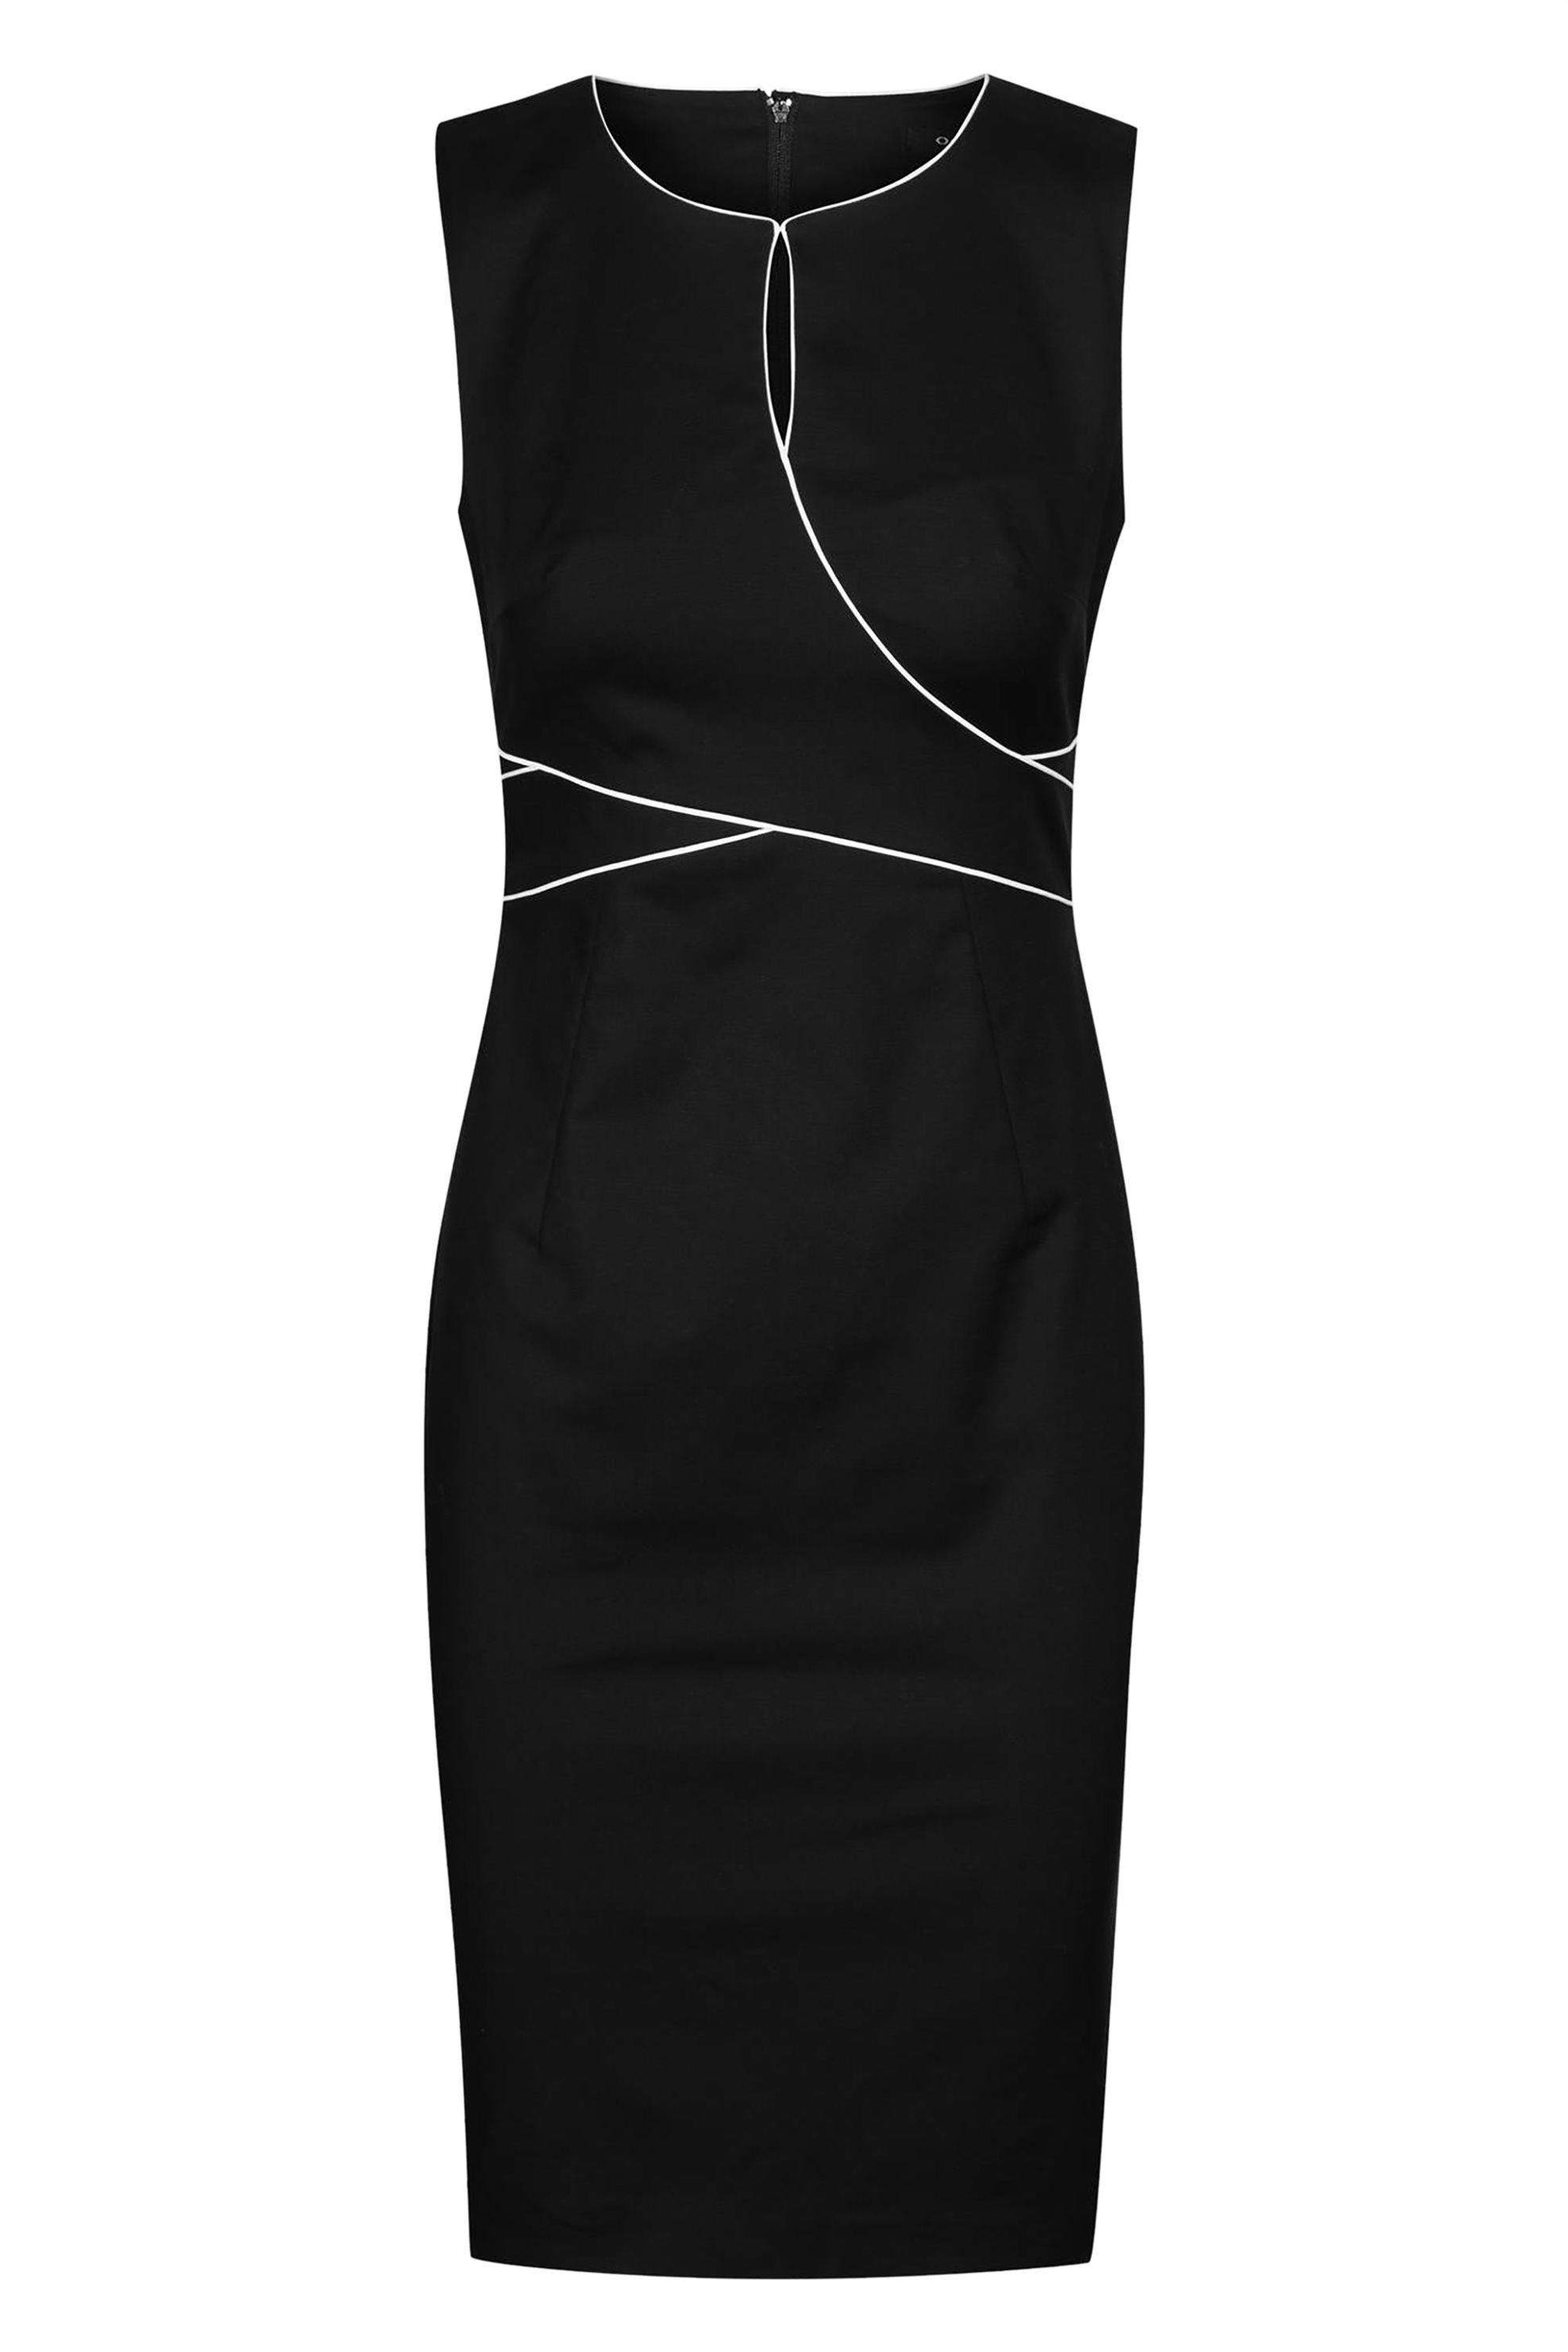 Orsay γυναικείο pencil φόρεμα με διακσμητικό ρέλι - 490200-660000 - Μαύρο γυναικα   ρουχα   φορέματα   mini φορέματα